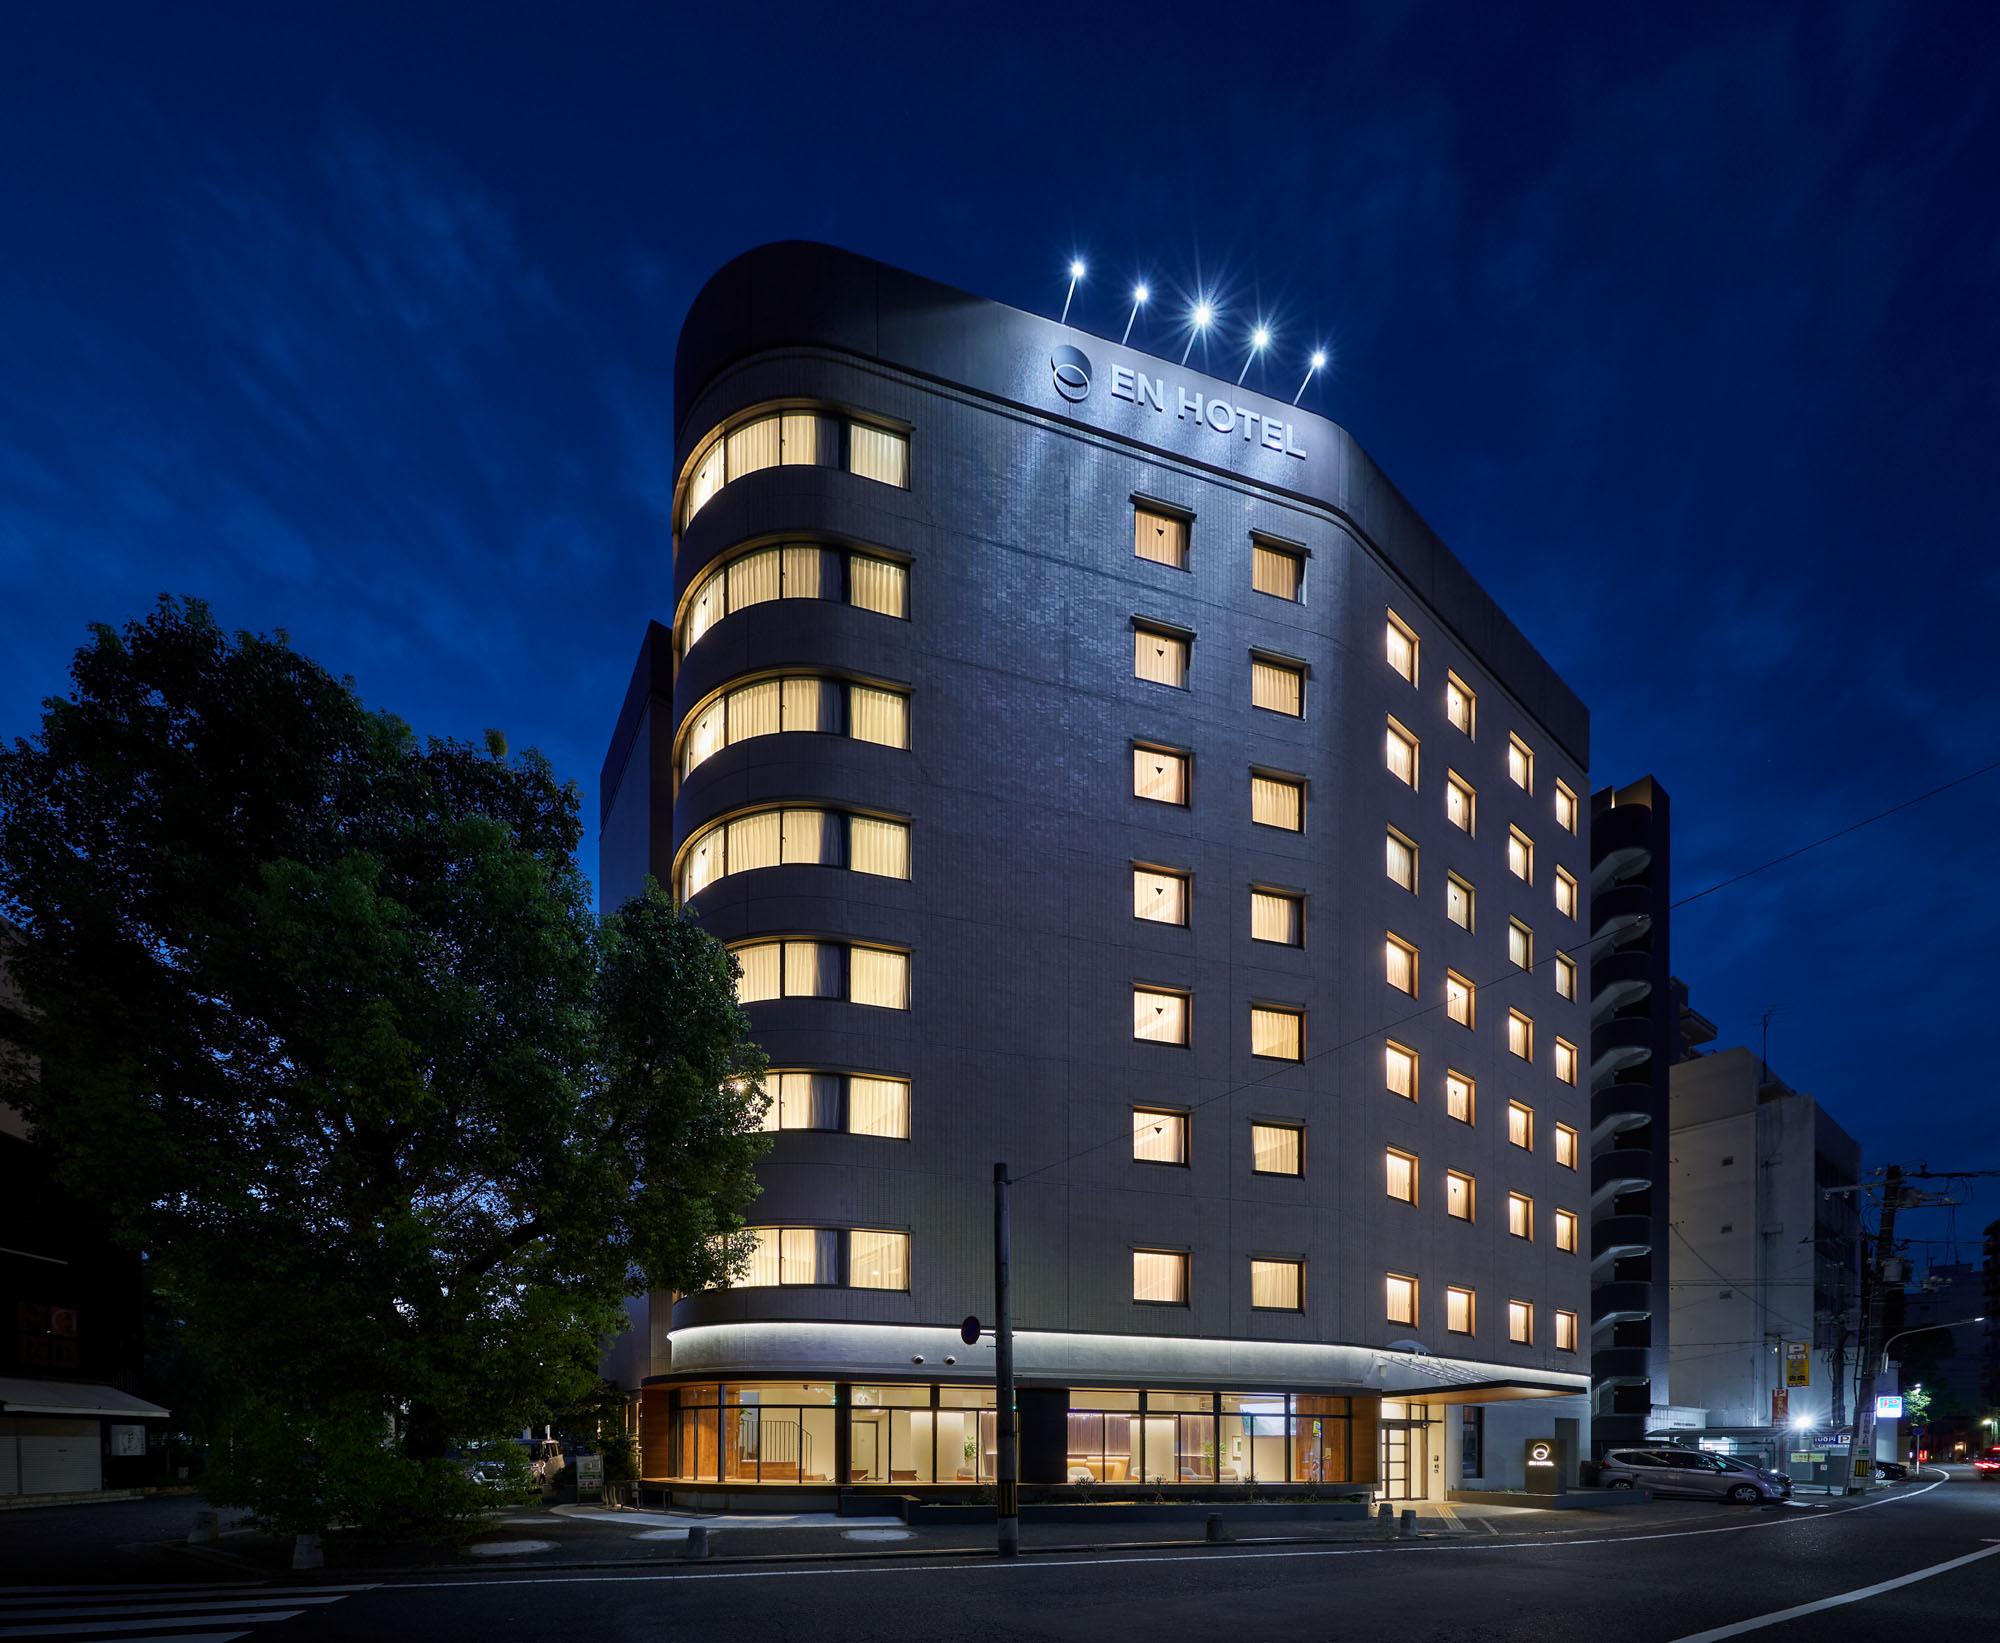 EN HOTEL Hiroshima(エンホテル広島)(旧:コートホテル広島)